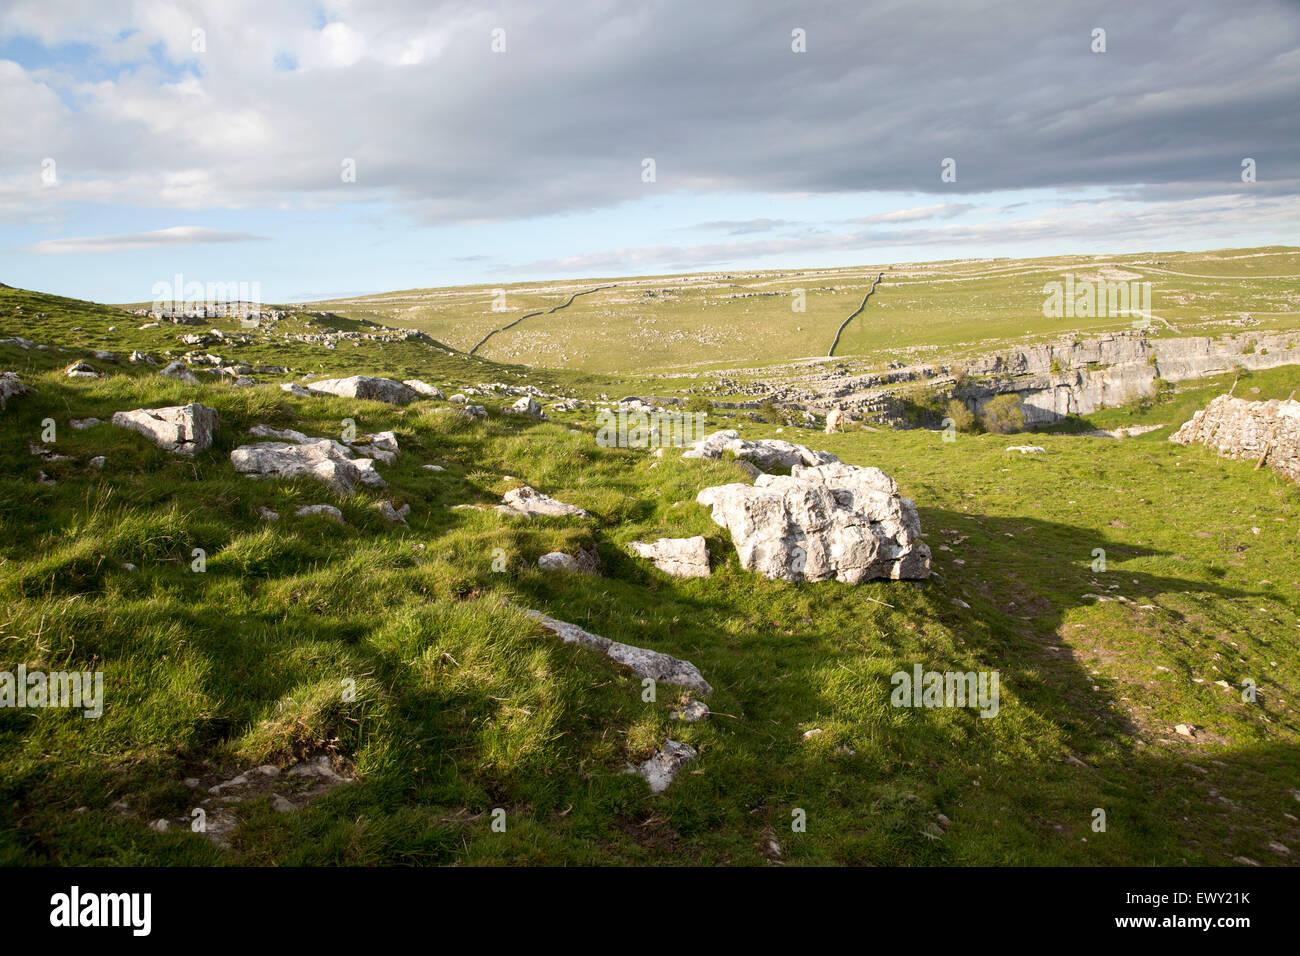 Carboniferous limestone scenery, Malham, Yorkshire Dales national park, England, UK - Stock Image